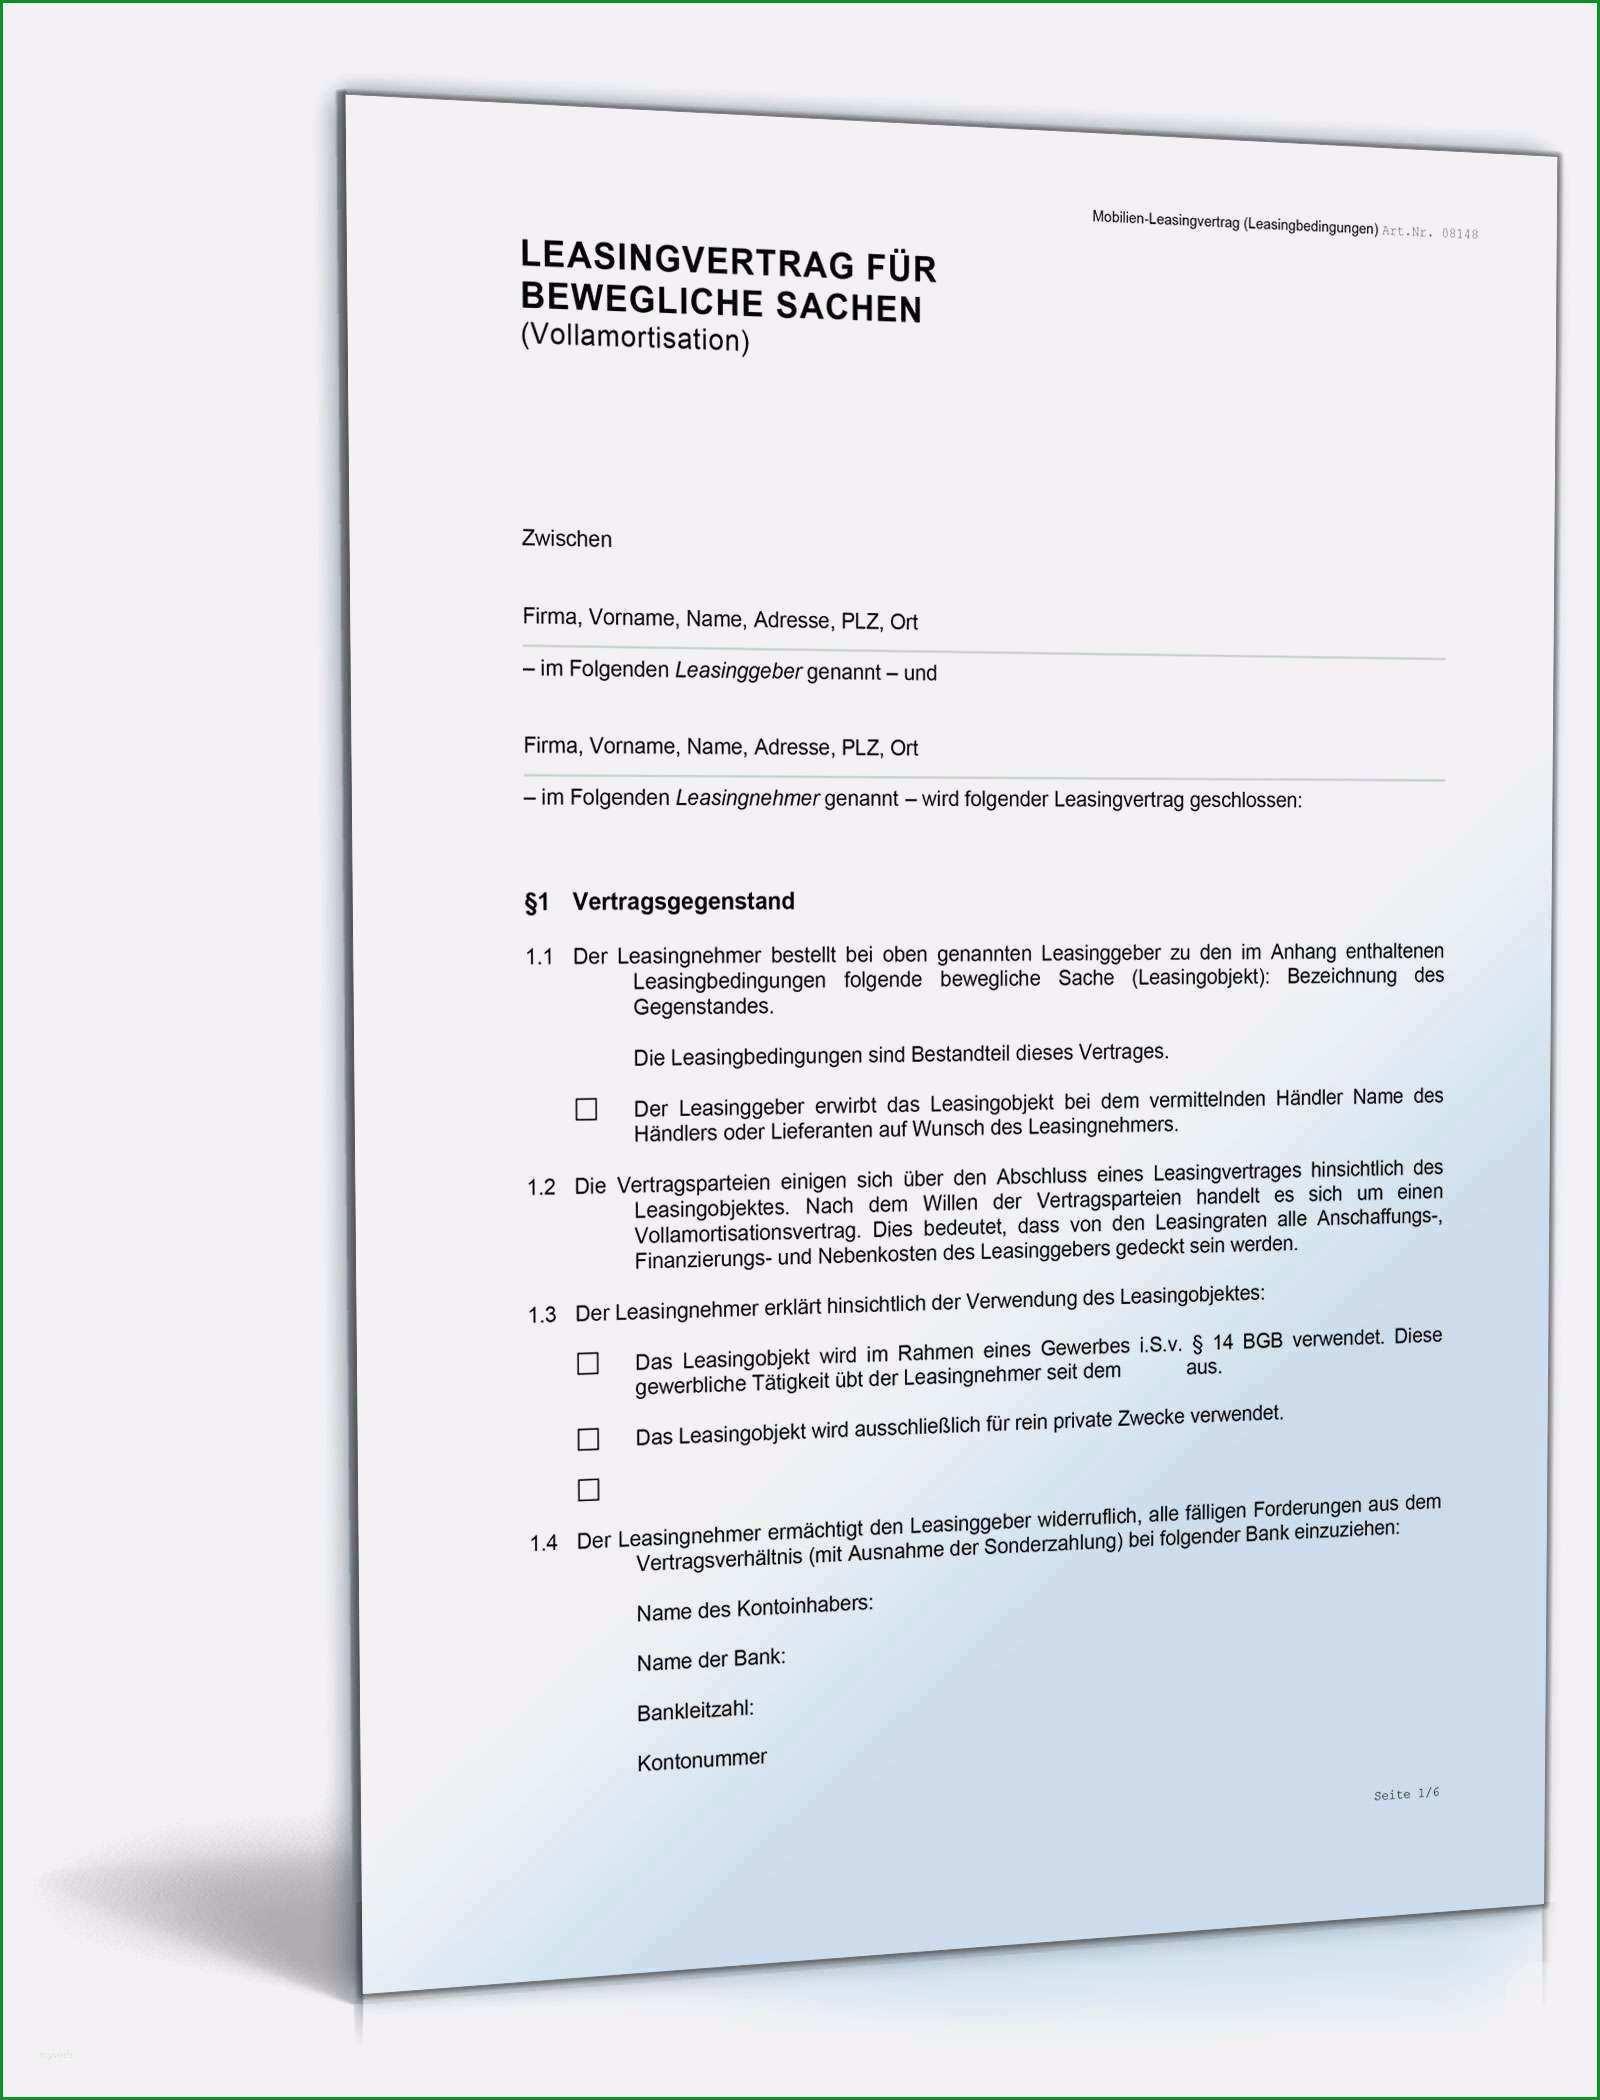 mietburgschaft vorlage kostenlos beste leasingvertrag fur bewegliche sachen muster vorlage zum